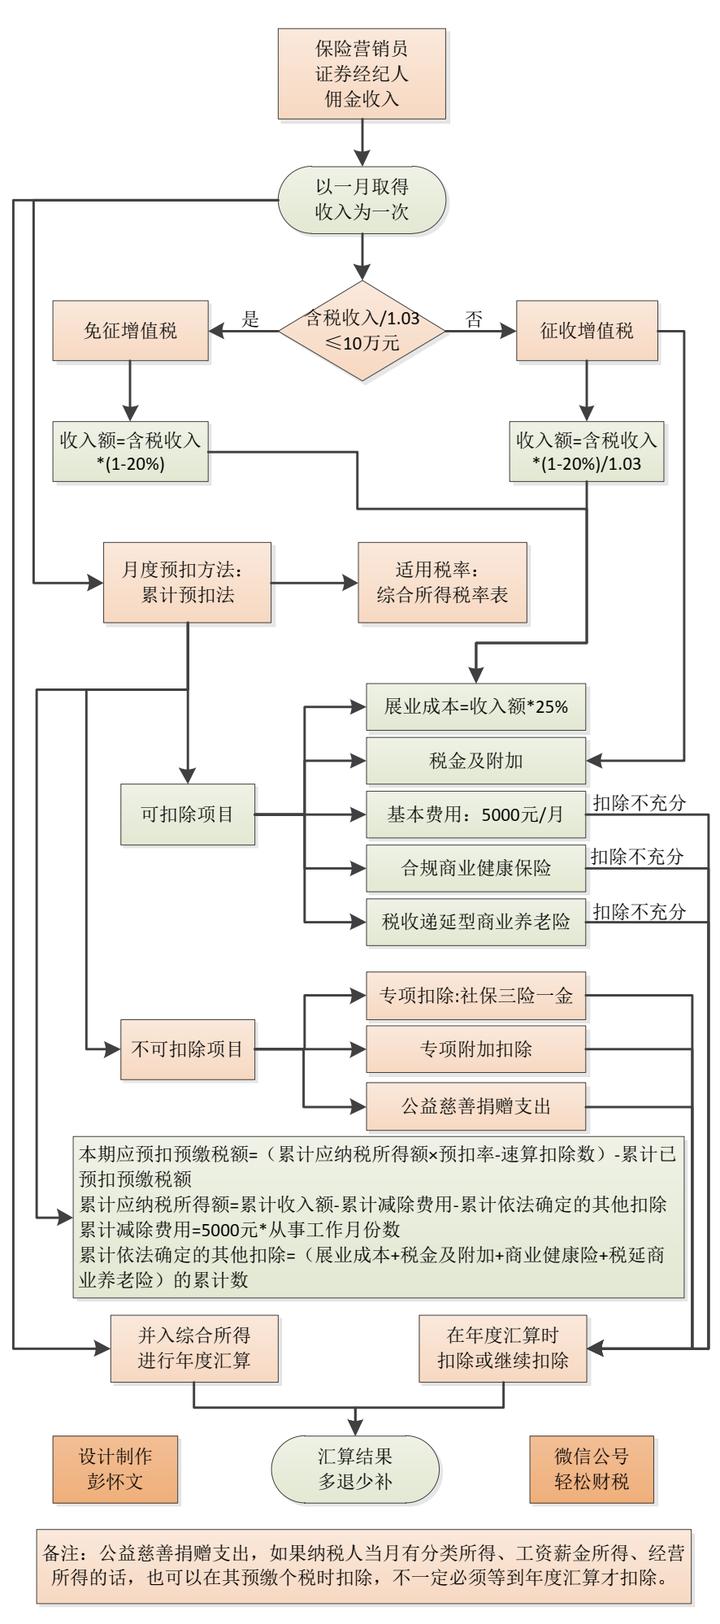 保险营销员佣金纳税计算公式(财税2016年12号文后) 图文 百...